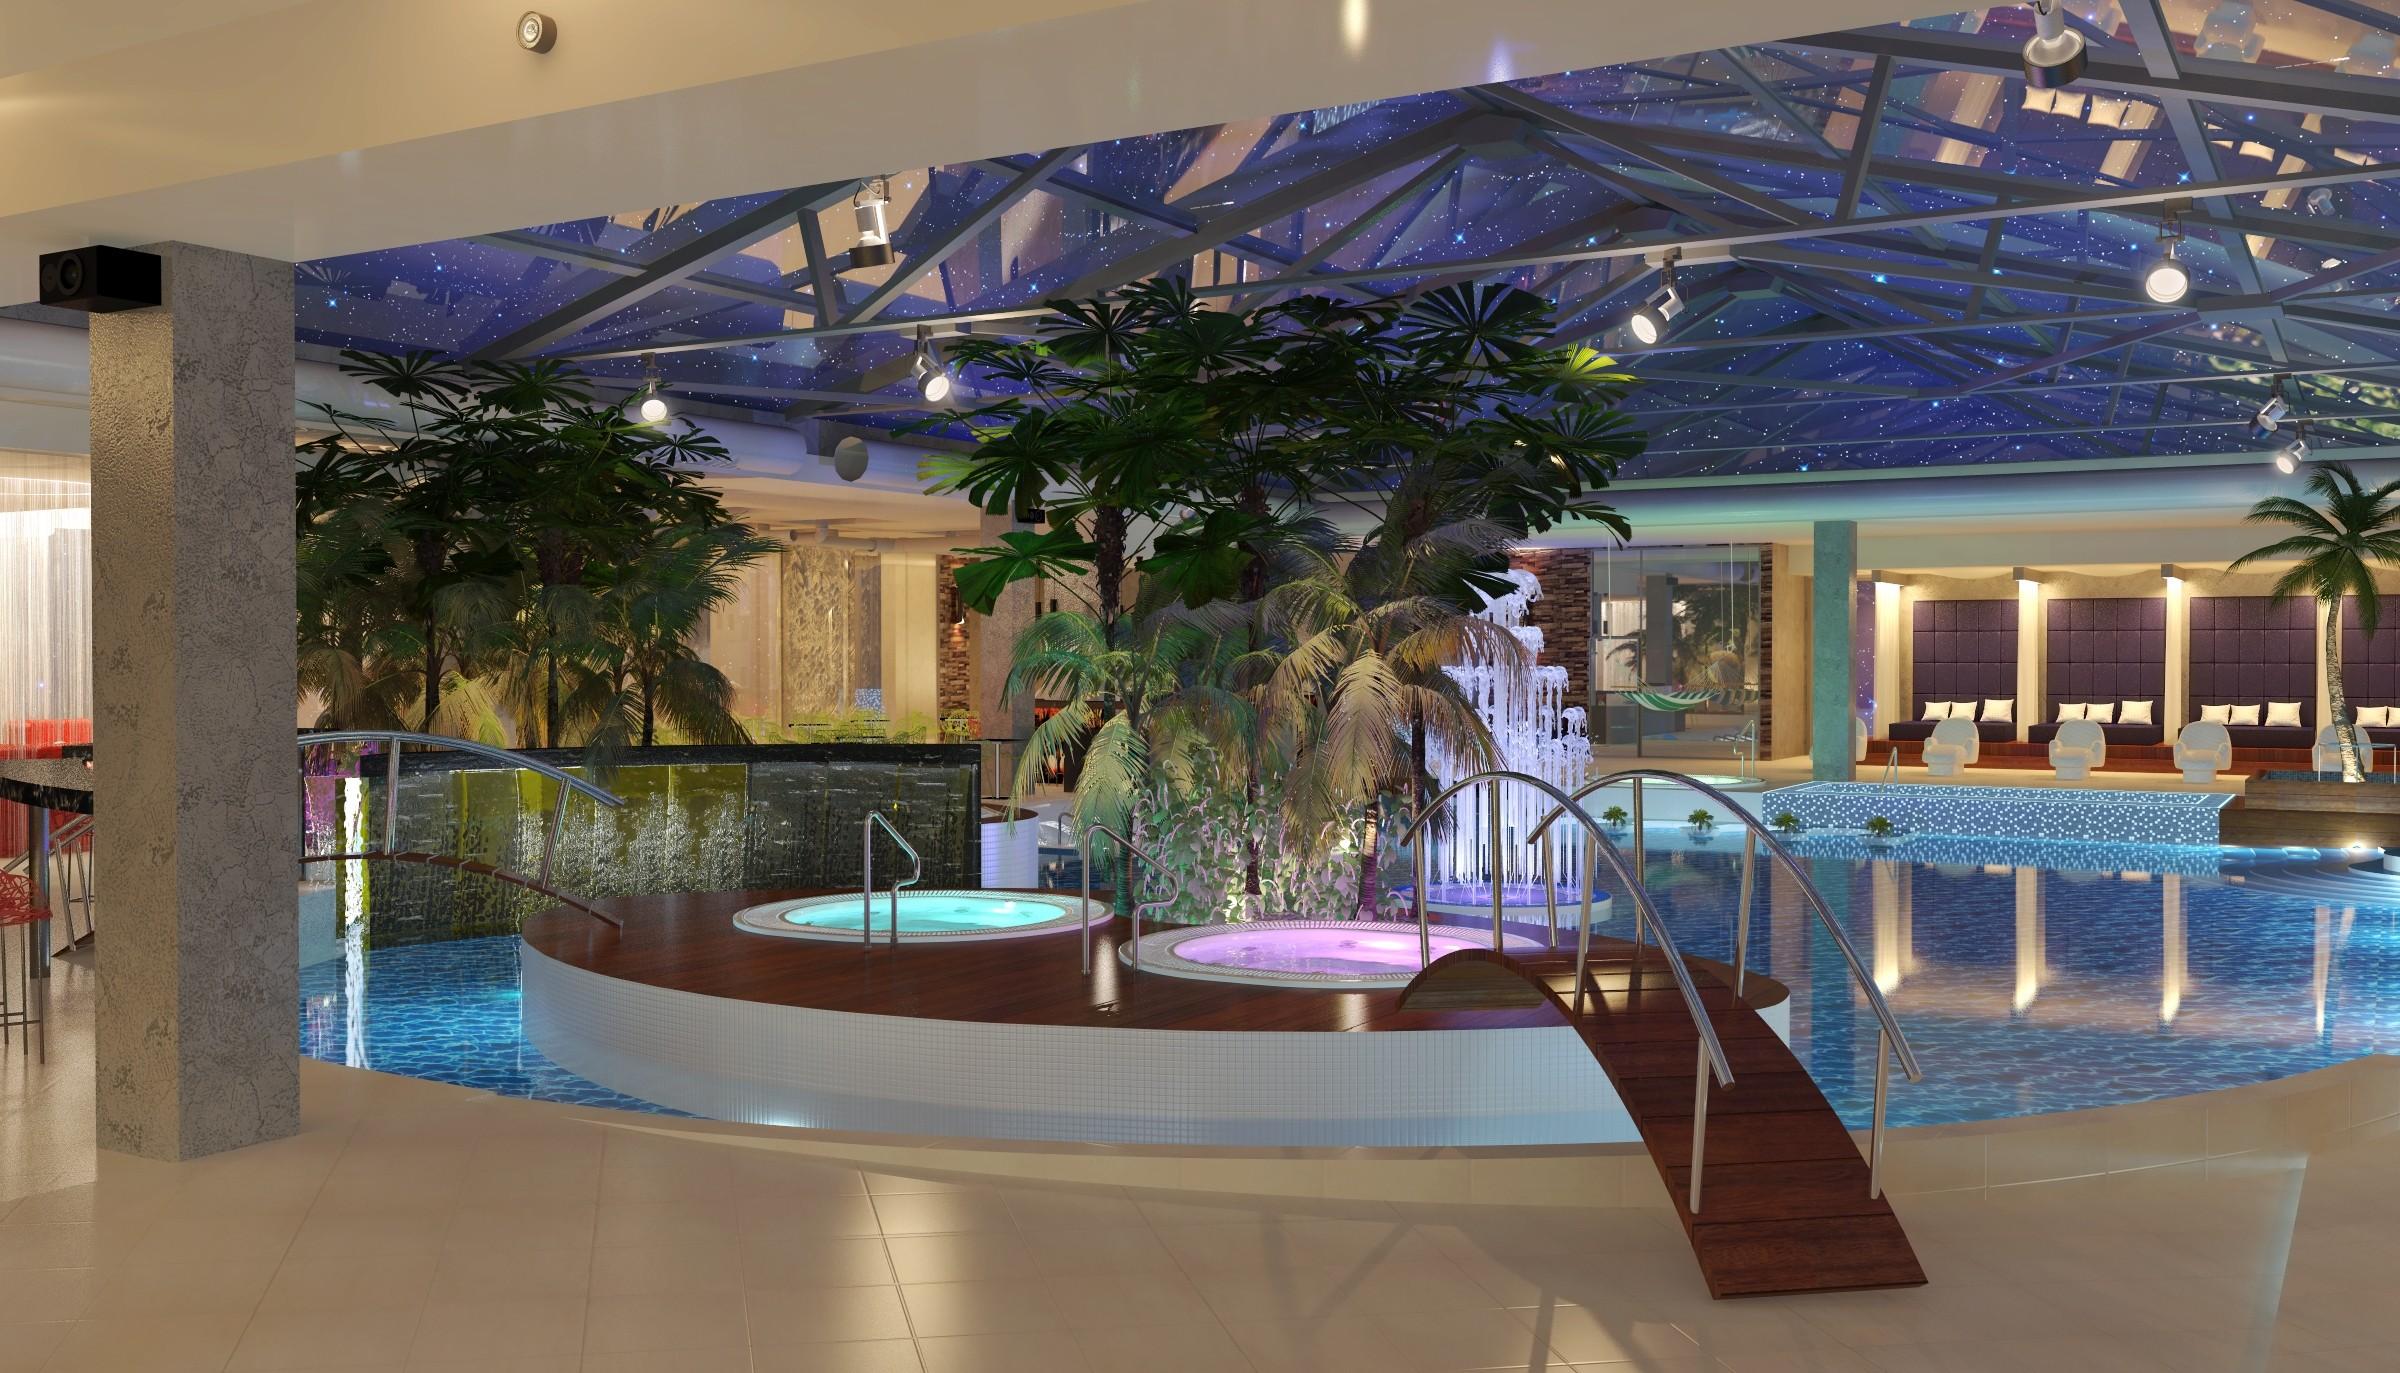 Spa paketid Tartus spa pakkumised V Spa Hotel ja Spa Tartus 2